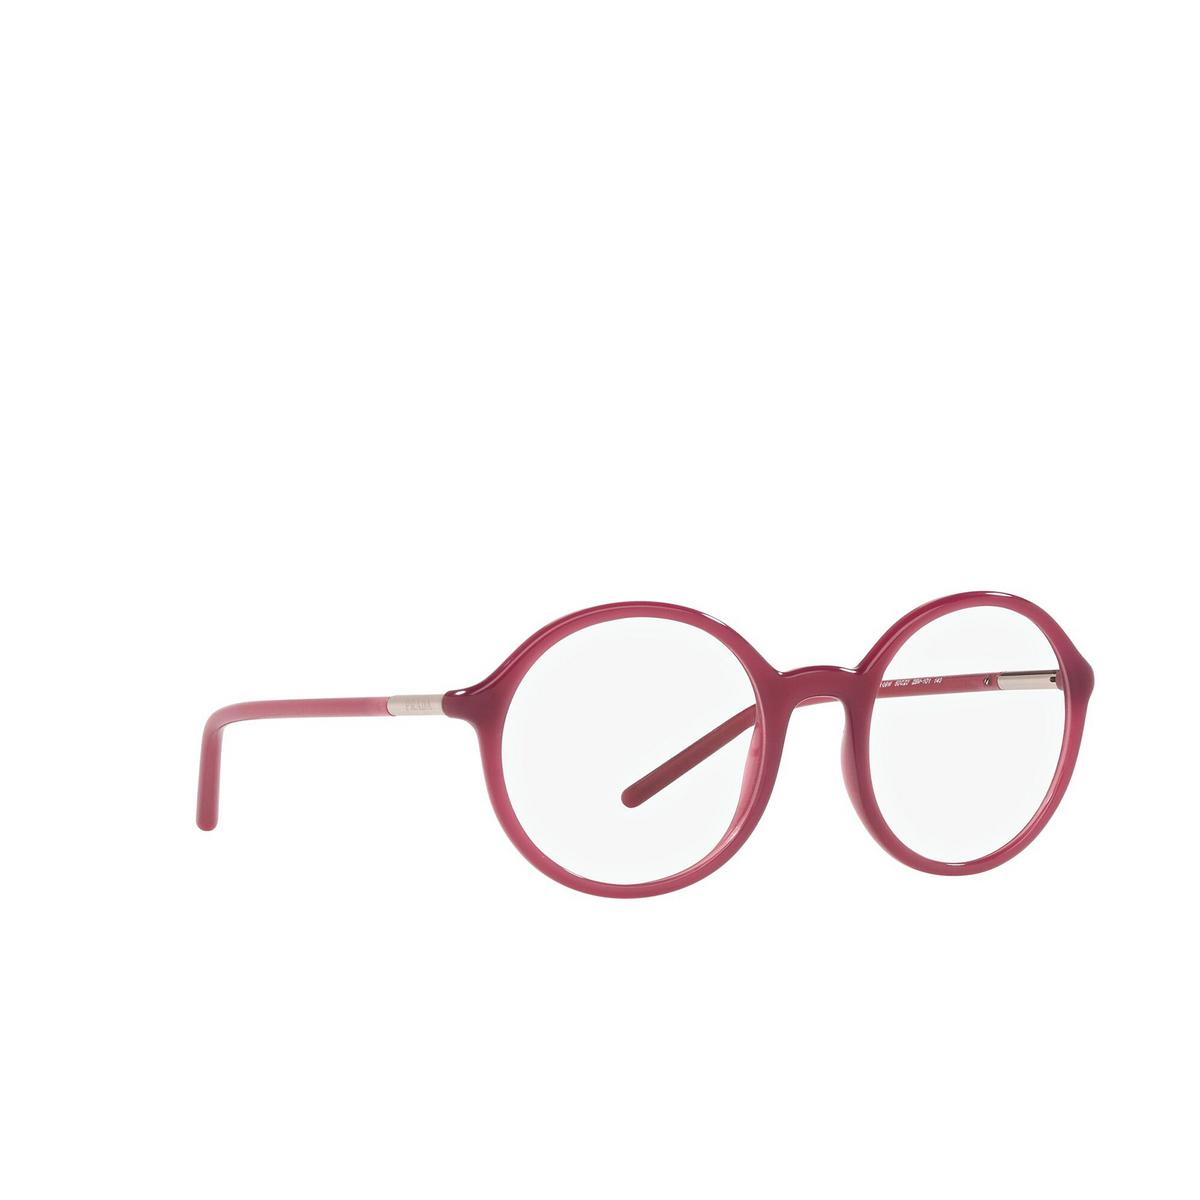 Prada® Round Eyeglasses: PR 09WV color Opal Bordeaux 2BM1O1 - three-quarters view.